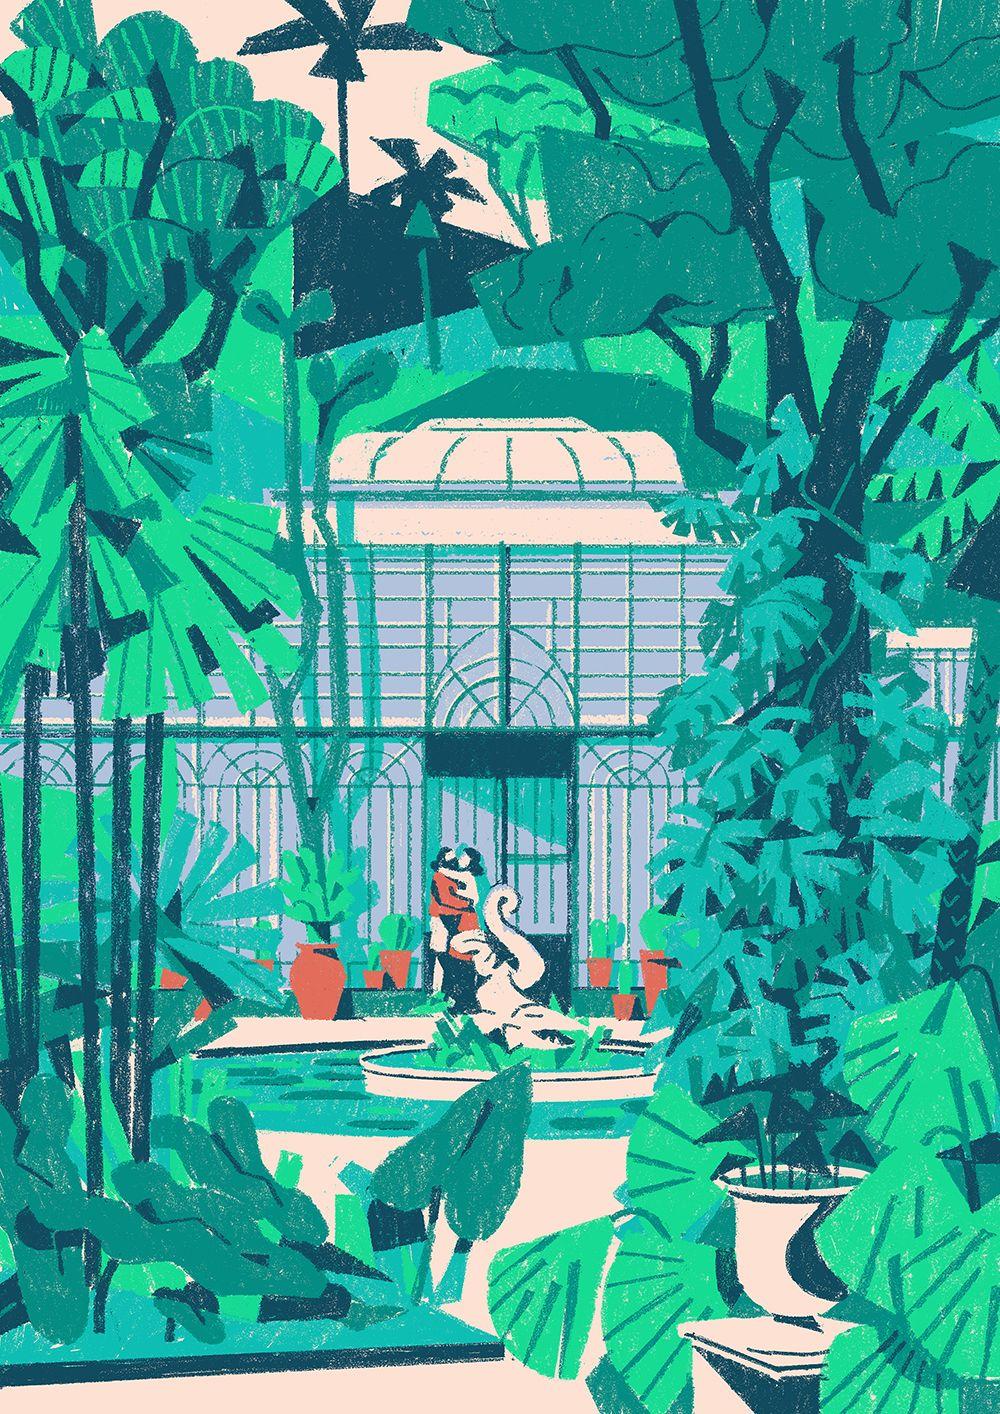 Timberland Let S Get Lost On Behance Garden Illustration Glasshouse Garden Illustration Illustration Art Illustration Design